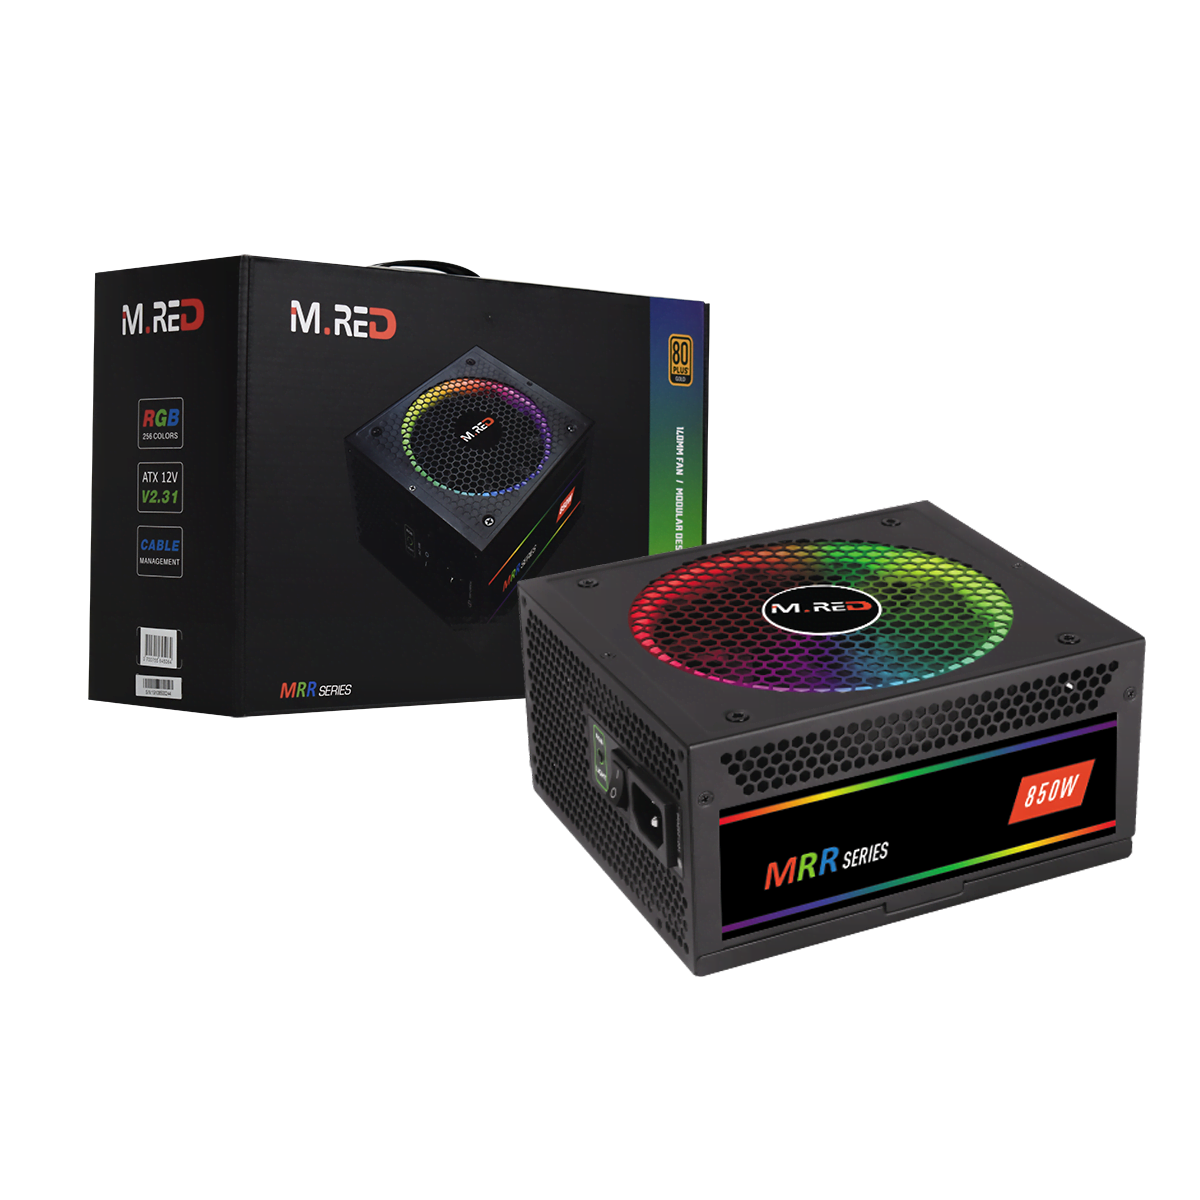 Alimentation M.RED ATX 850W - 80+ GOLD FM - RGB-850